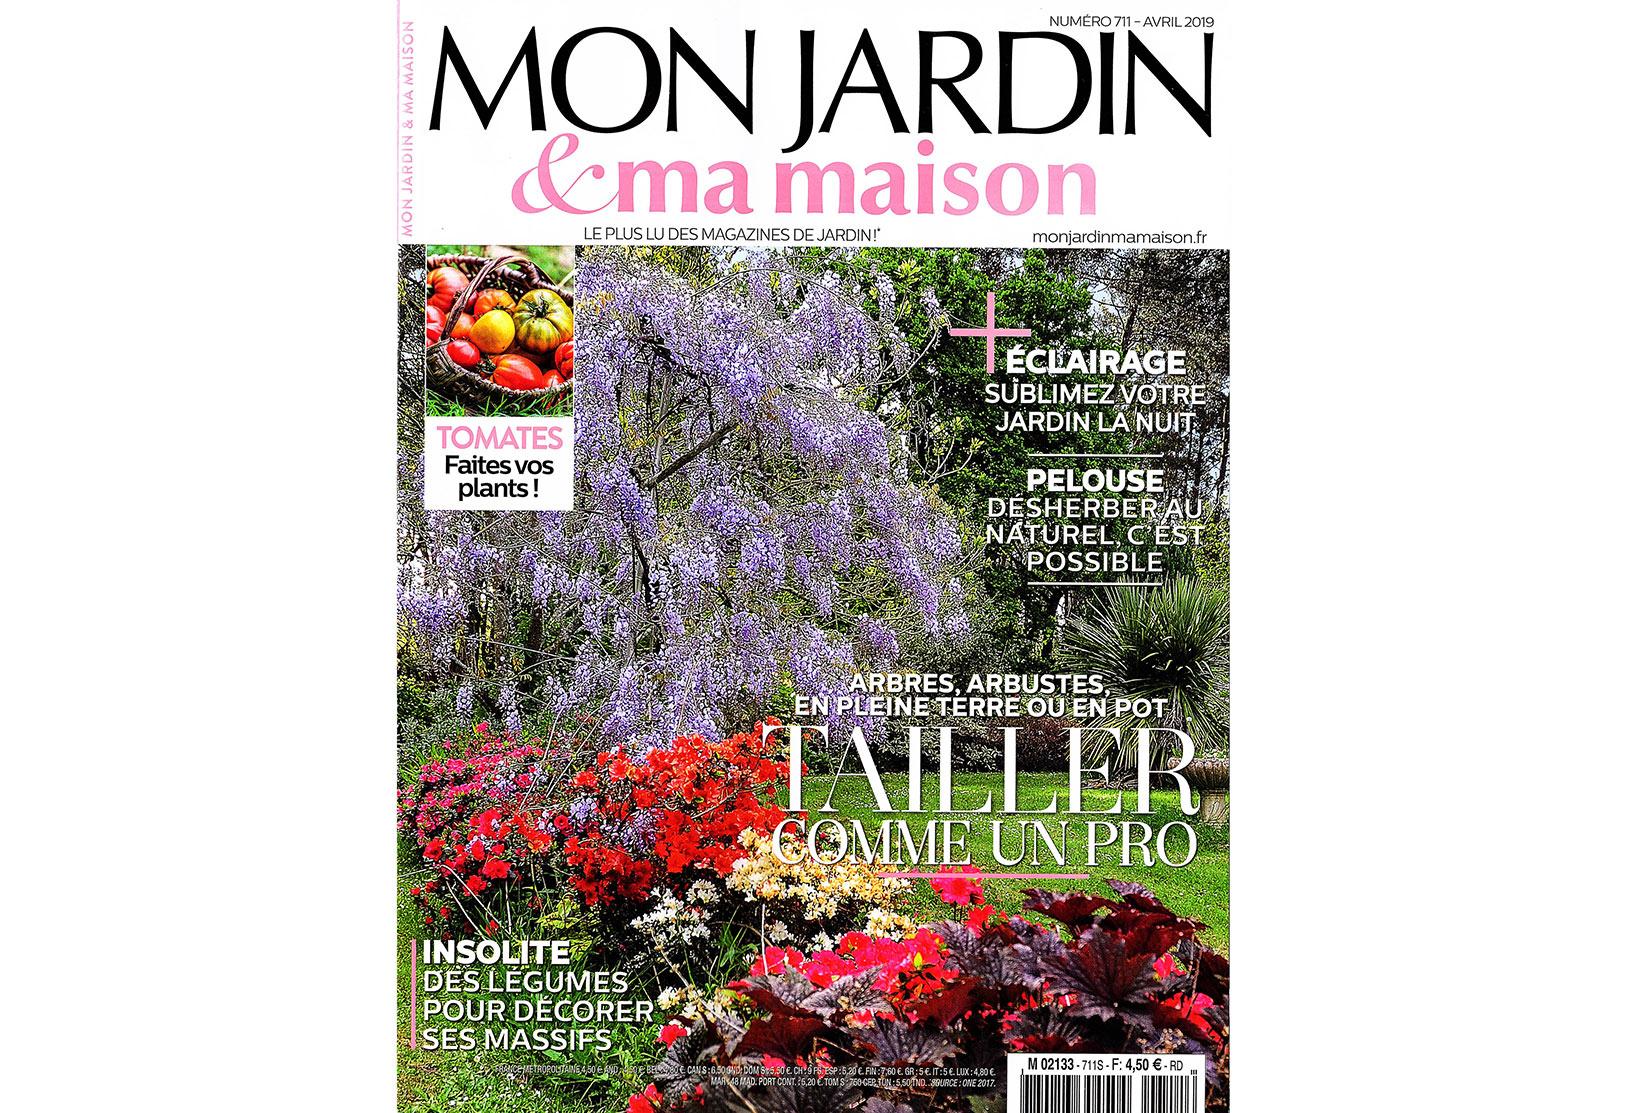 Atelier Naudier - Architecte paysagiste concepteur - Montpellier & Aix-en-Provence - Mon jardin & ma maison - Couverture - aménagement jardin